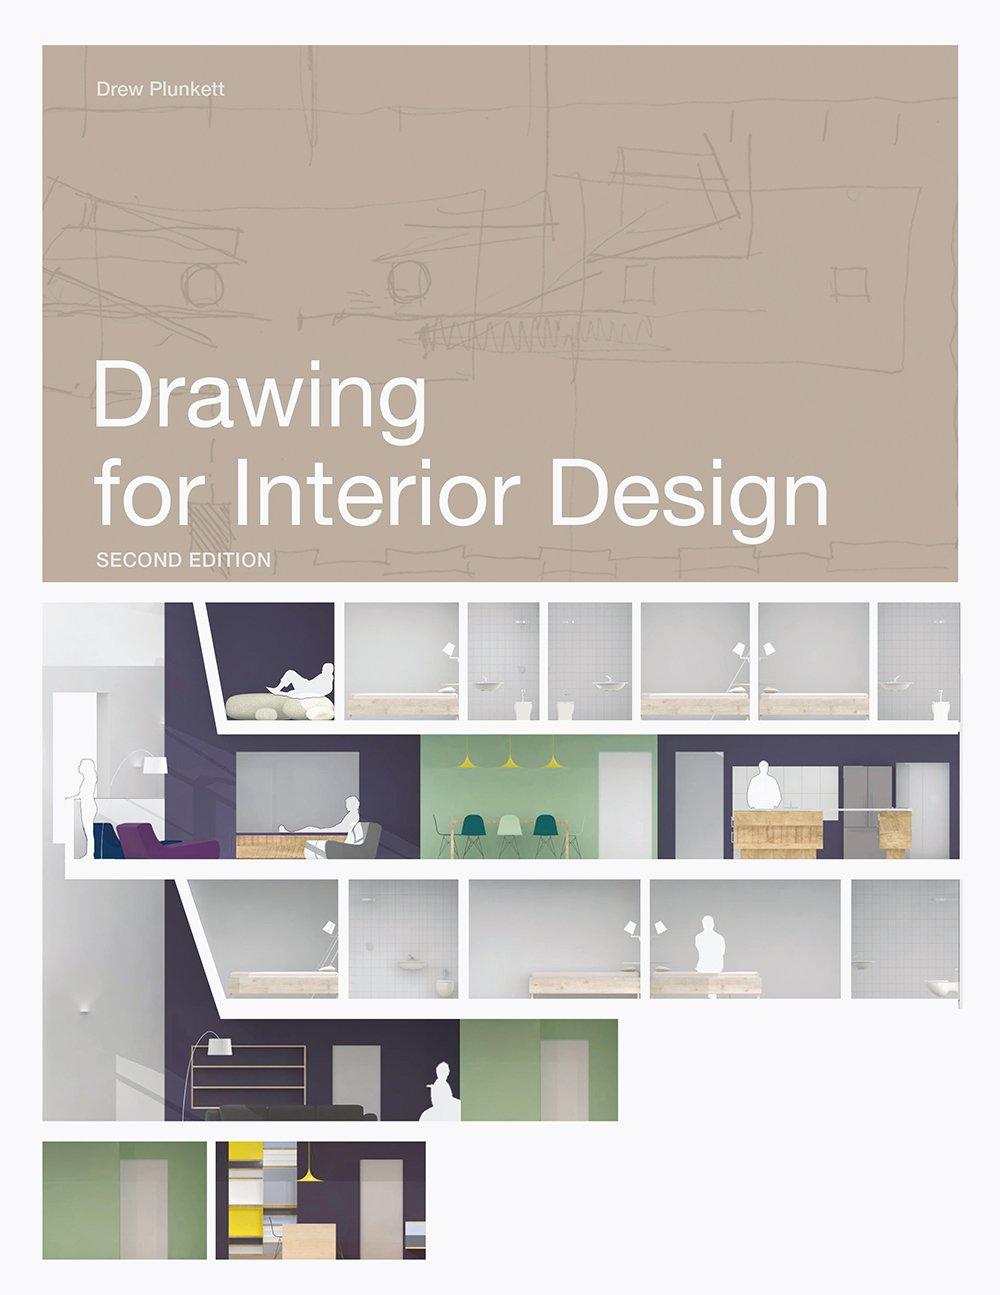 Interior Design Furniture Inventory ~ Interior design furniture inventory book tuesday ten best